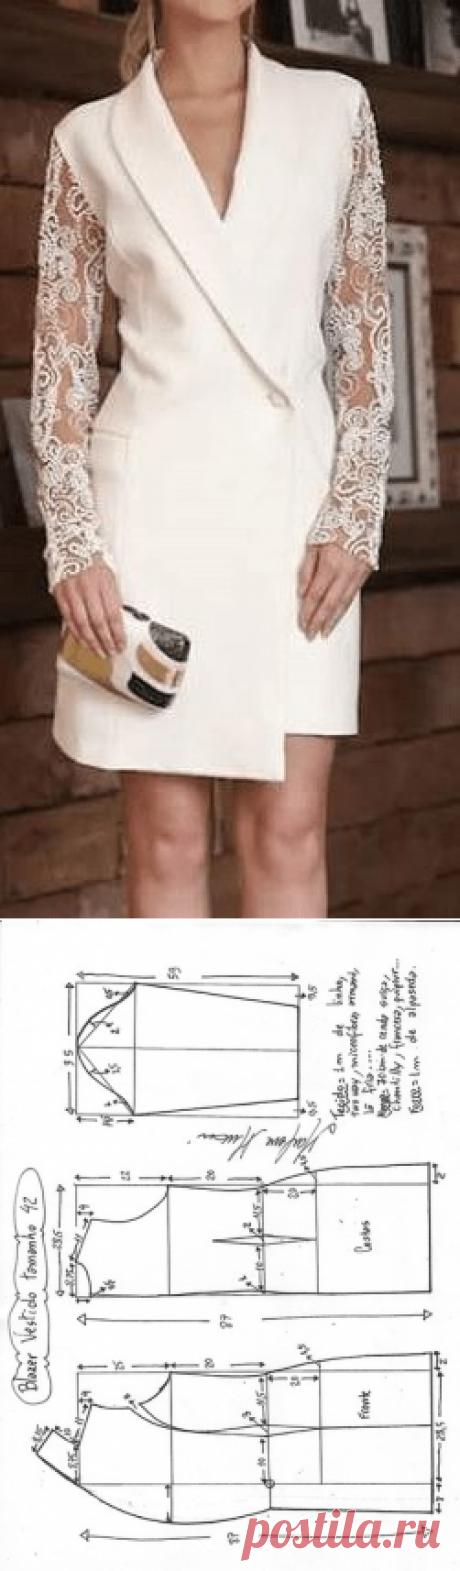 АТЕЛЬЕ дизайнерской одежды: шитье, выкройки.Платье в виде удлиненного жакета. Размеры 36-56 в файле PDF